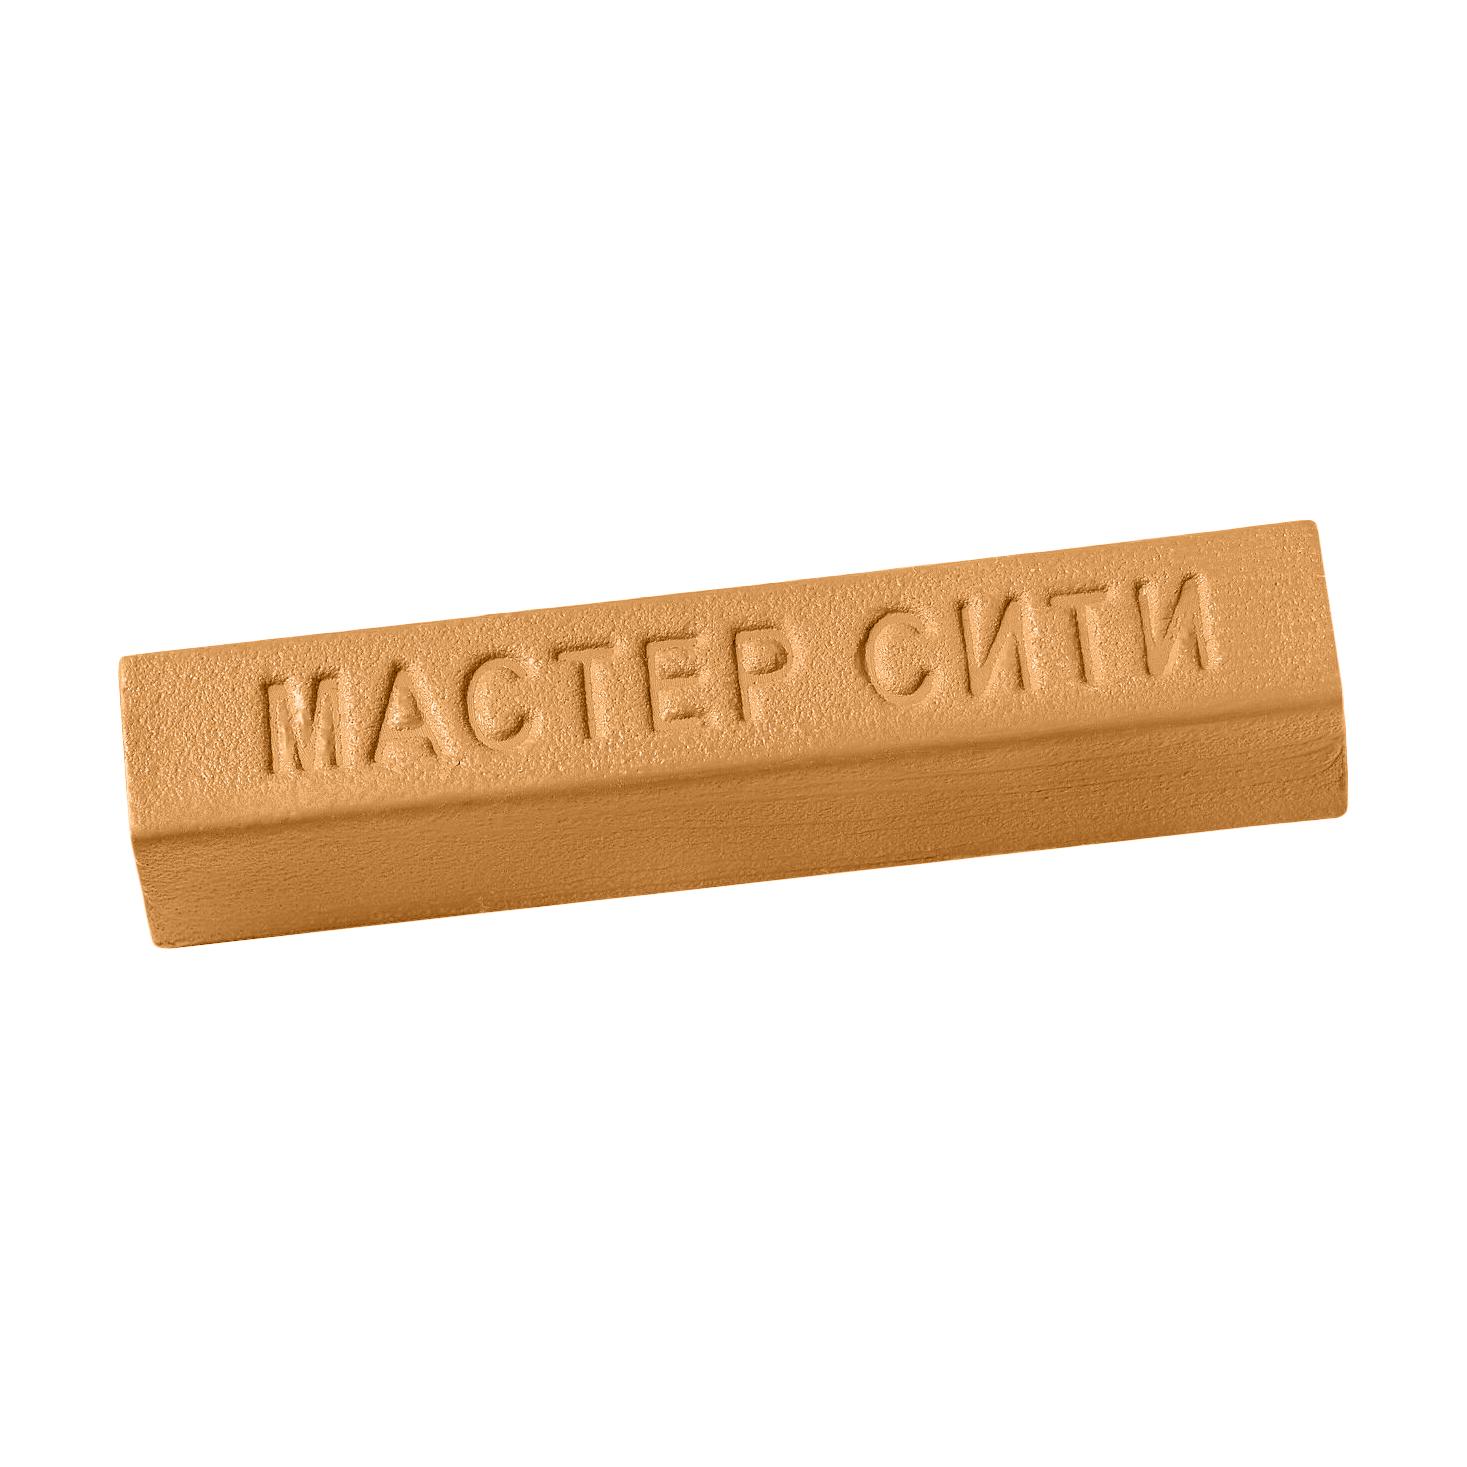 Воск мебельный Мастер сити Бук натура R5112 107, 9г воск мебельный мастер сити орех донской r 4853 9г